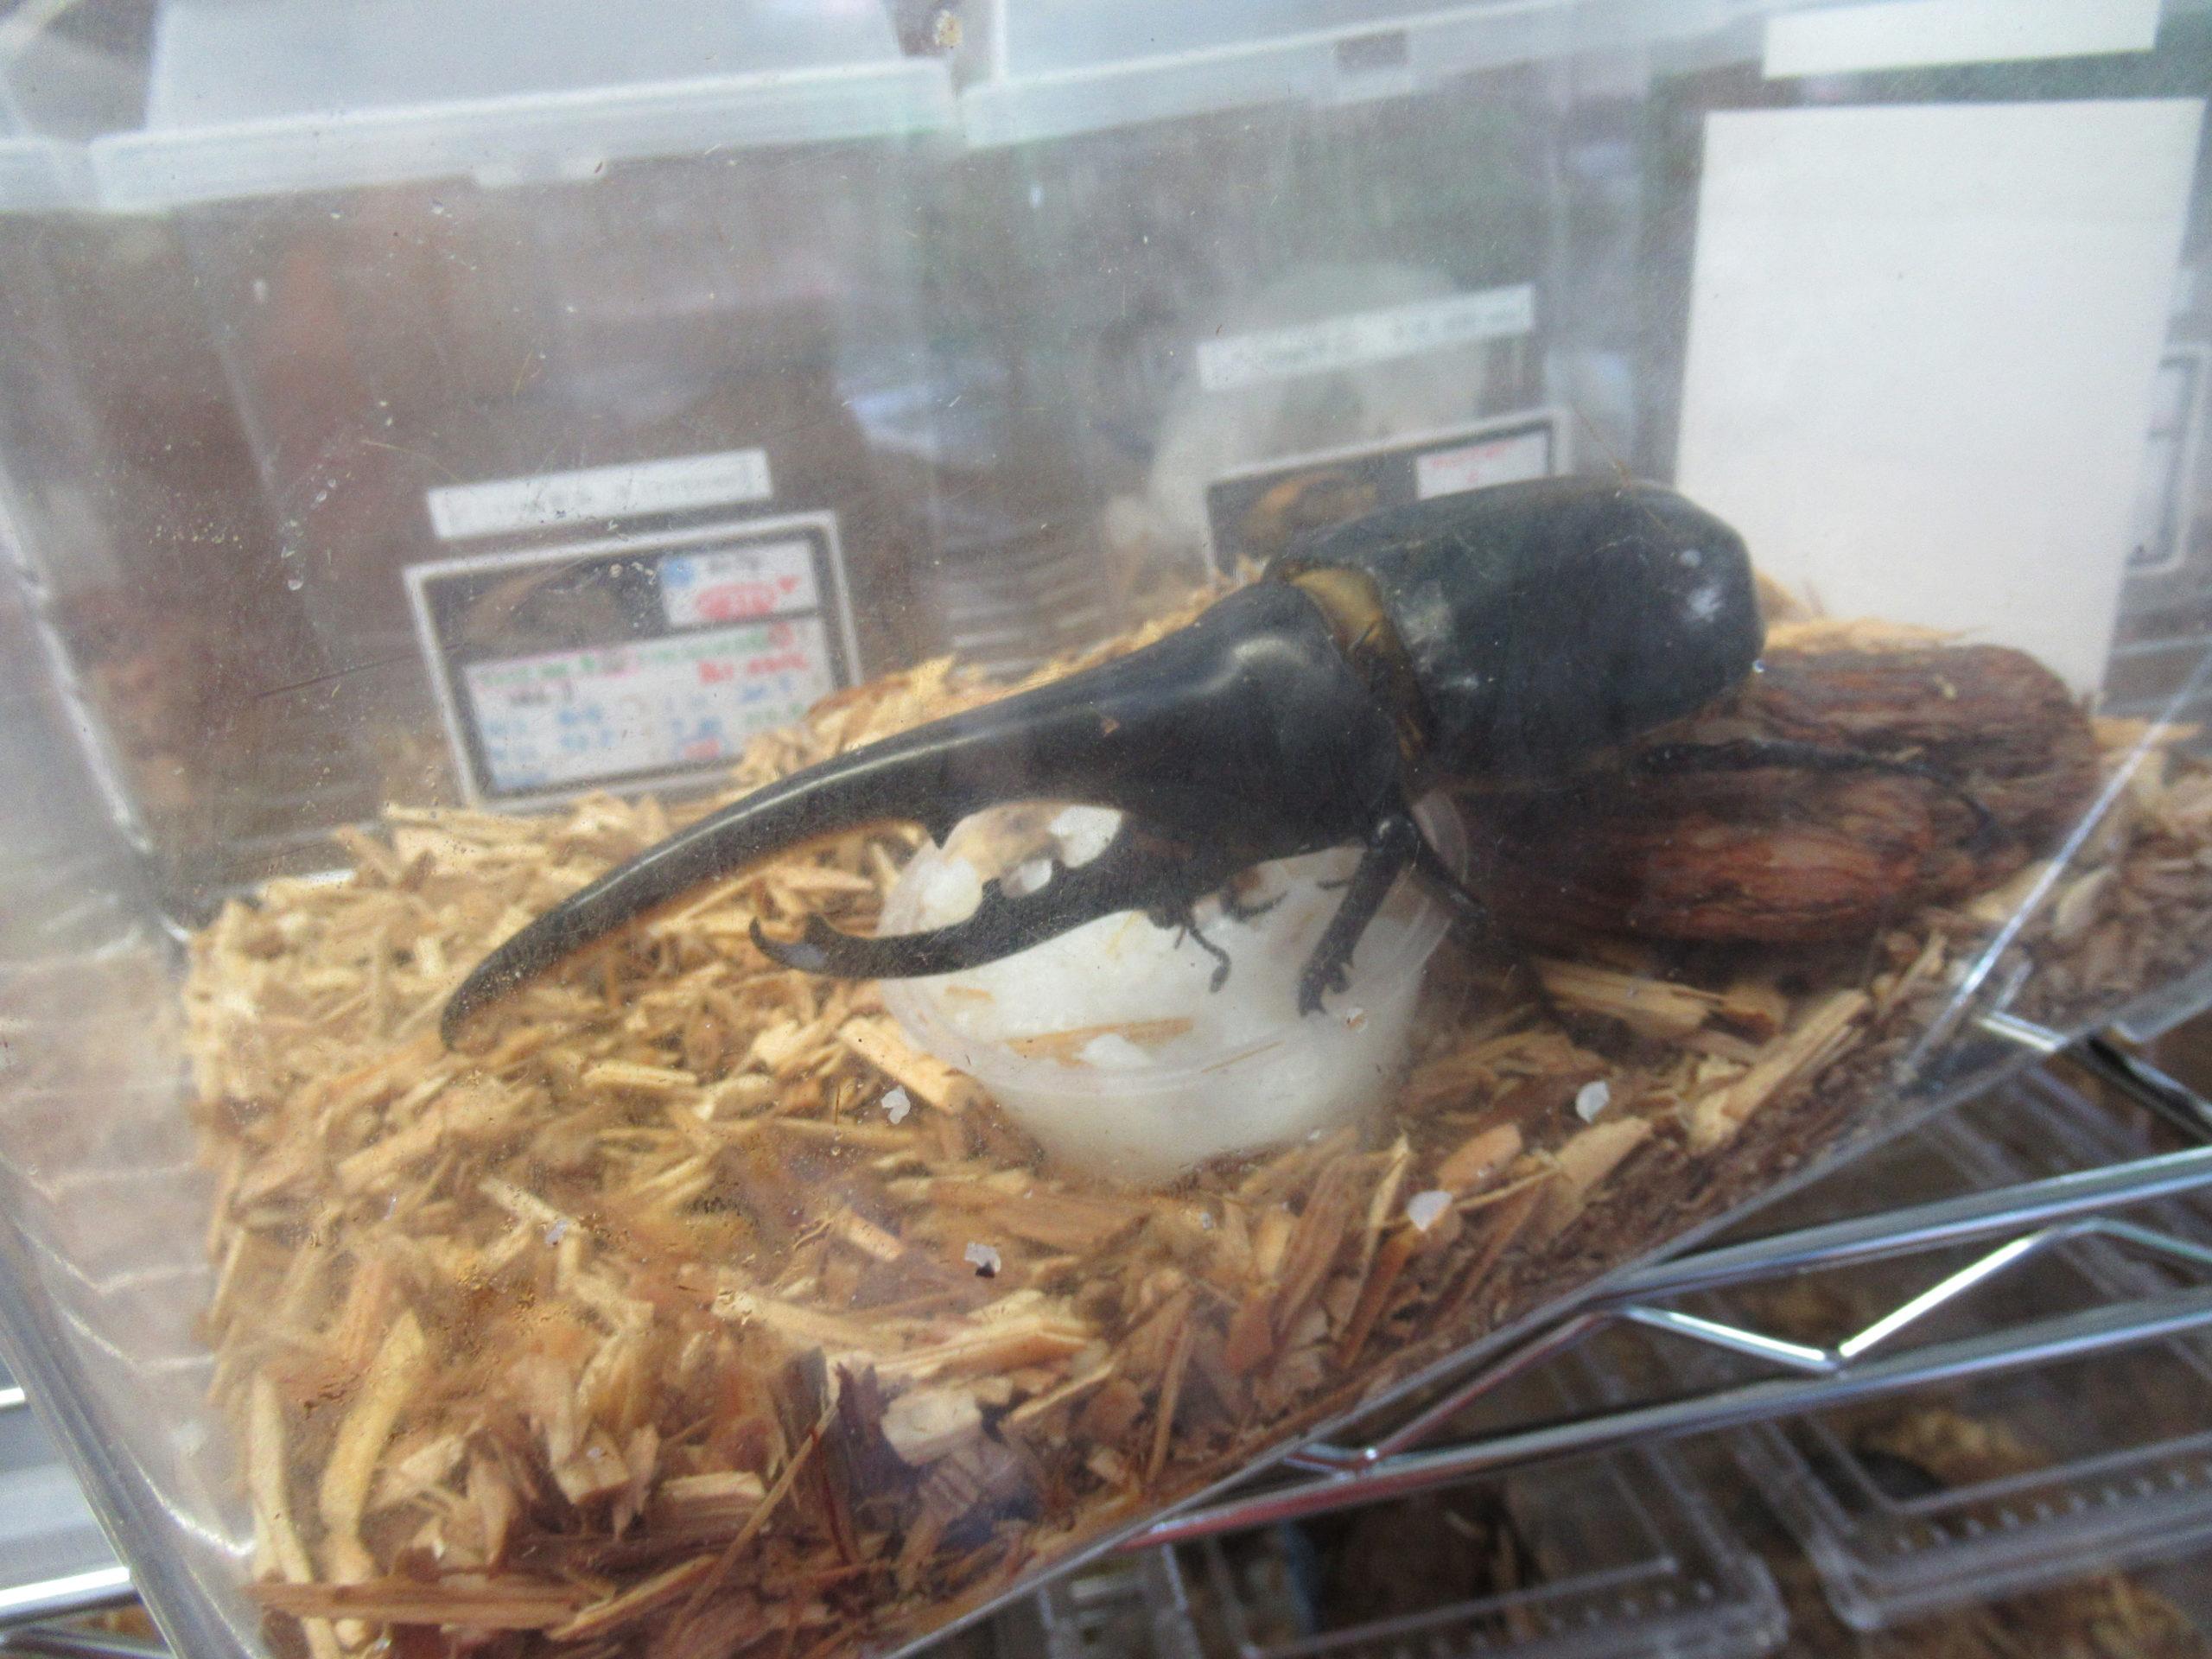 昆虫ショップ ビートロンに行ってきました!OAKS血統ヘラクレスオオカブトのお値段は?